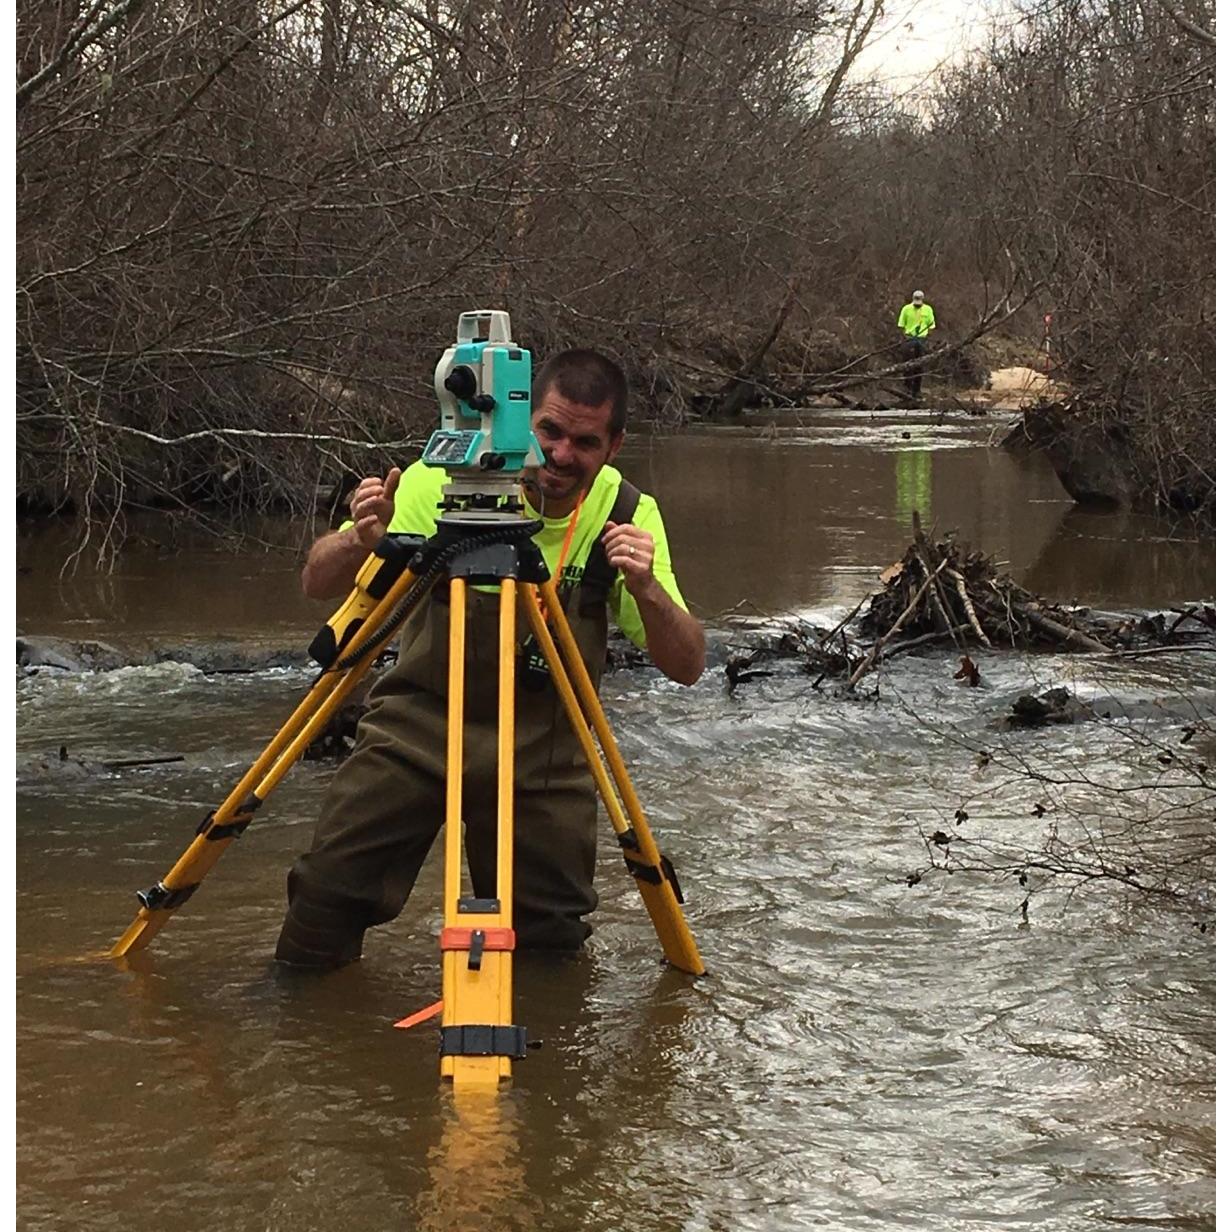 Stothard Land Surveying